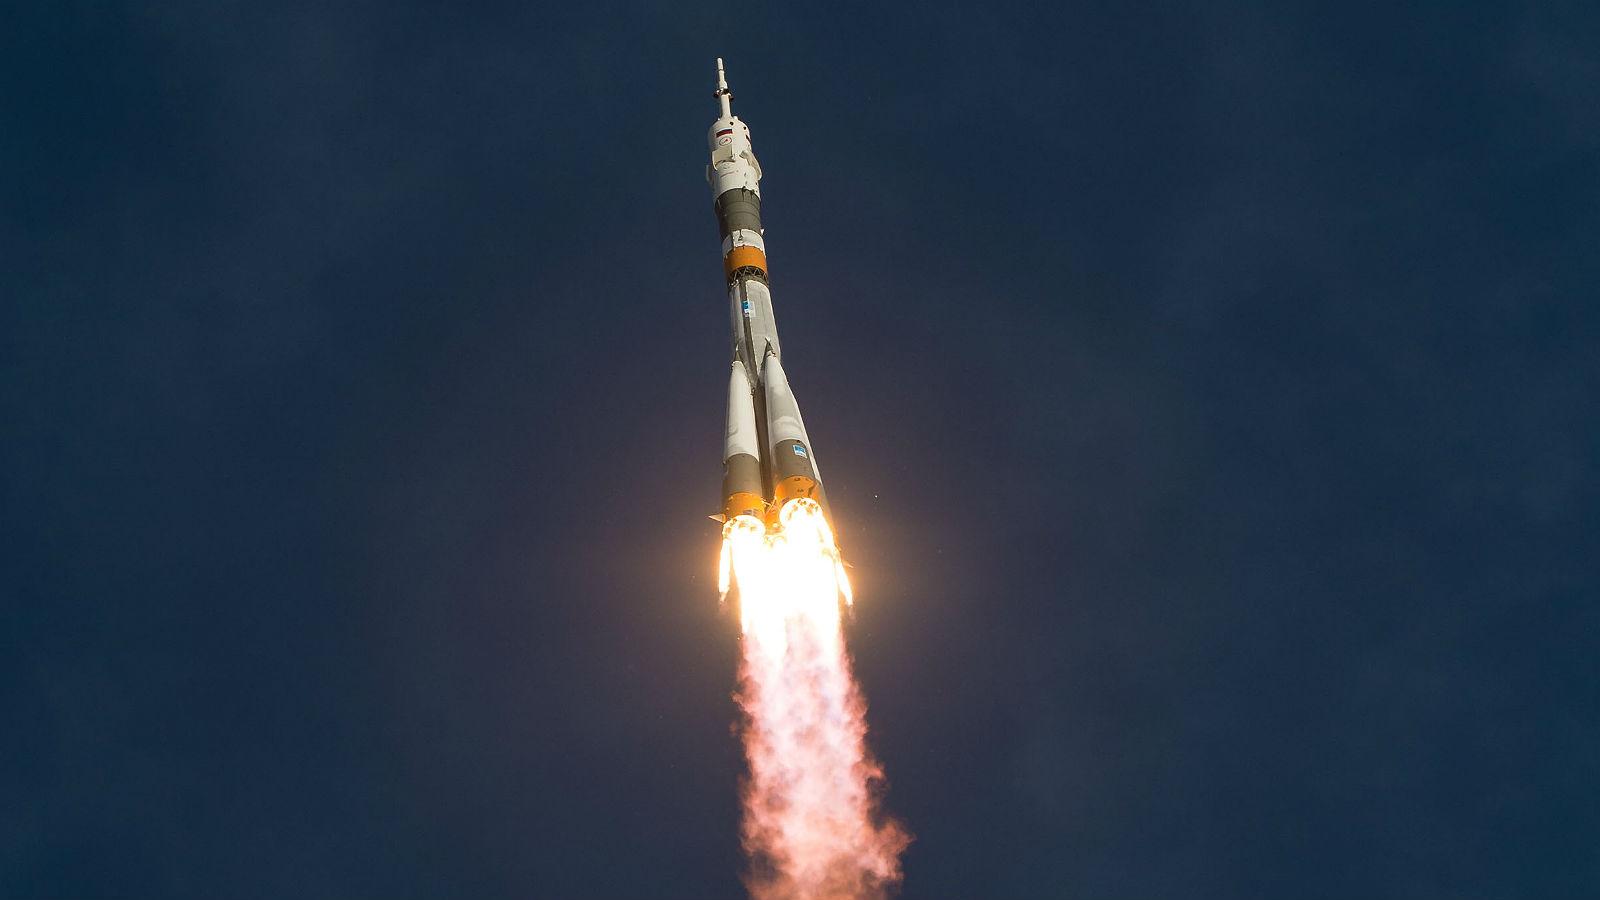 Eine Sojus-Rakete – hier kurz nach dem Start – bringt die Crew zur Raumstation. Bild: NASA